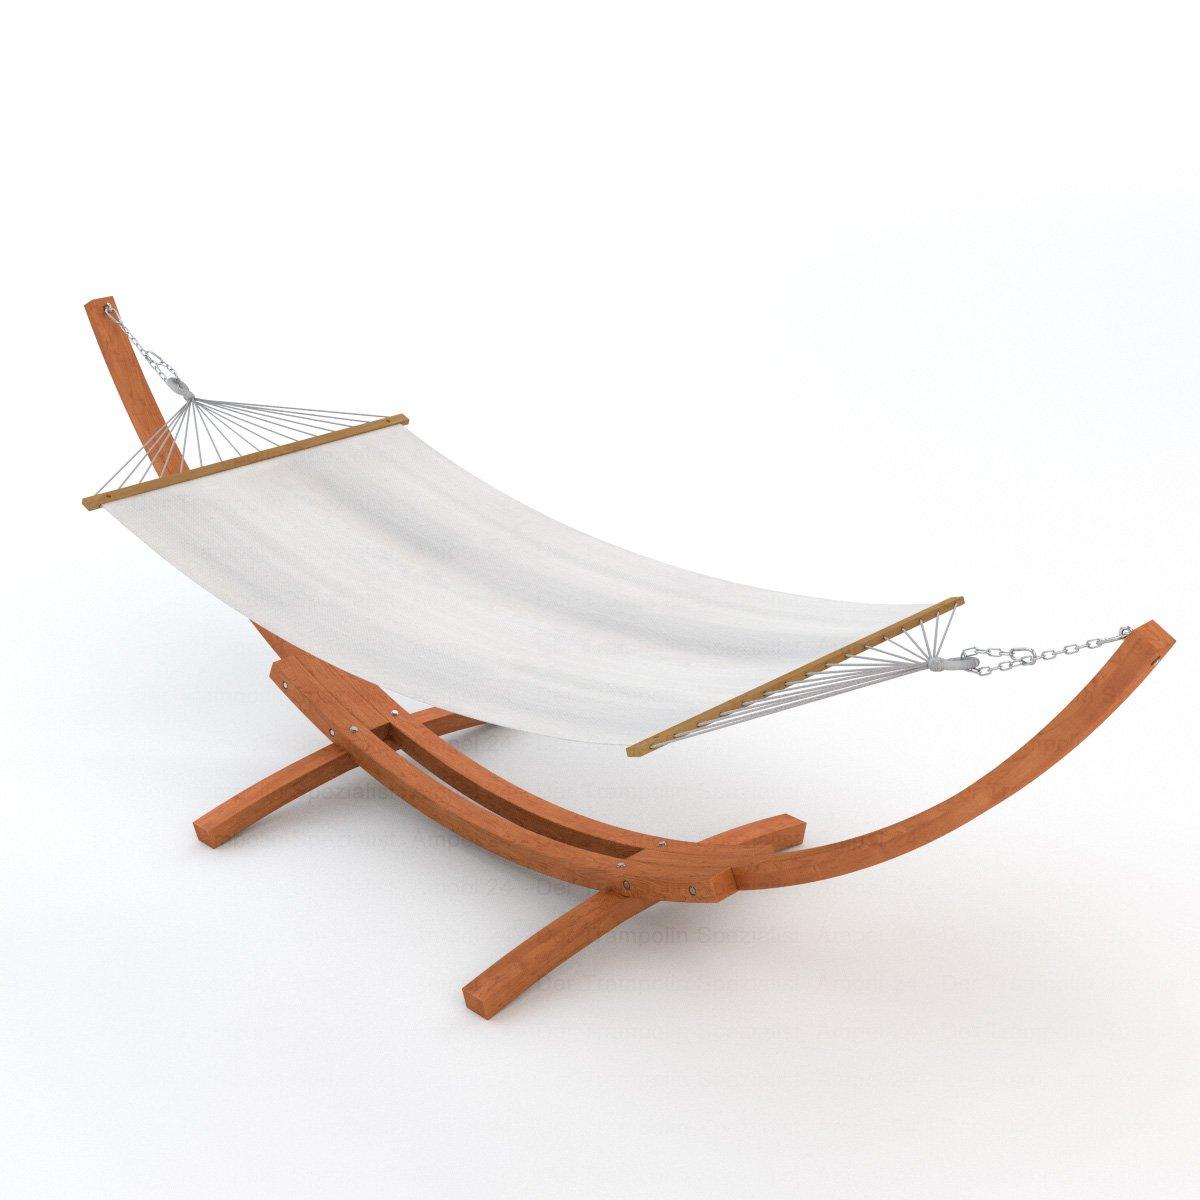 Amazon.de: Tectake® 400 Cm Xxl Hängematte Mit Gestell Holz + Dach ... Hangematten Mit Gestell Garten